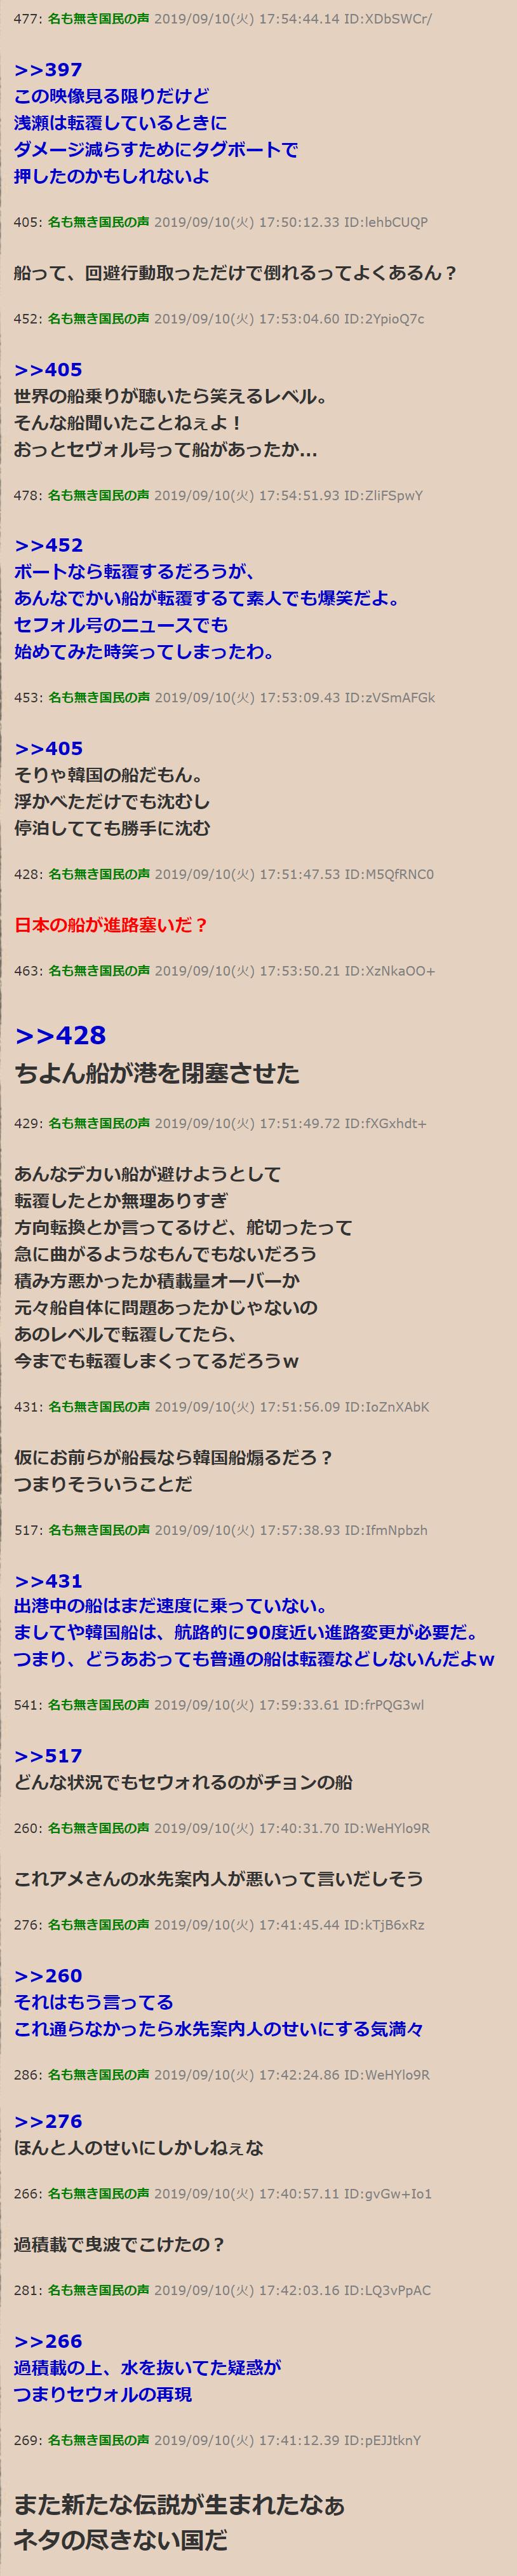 下朝鮮「船が転覆したの日本のせい」4